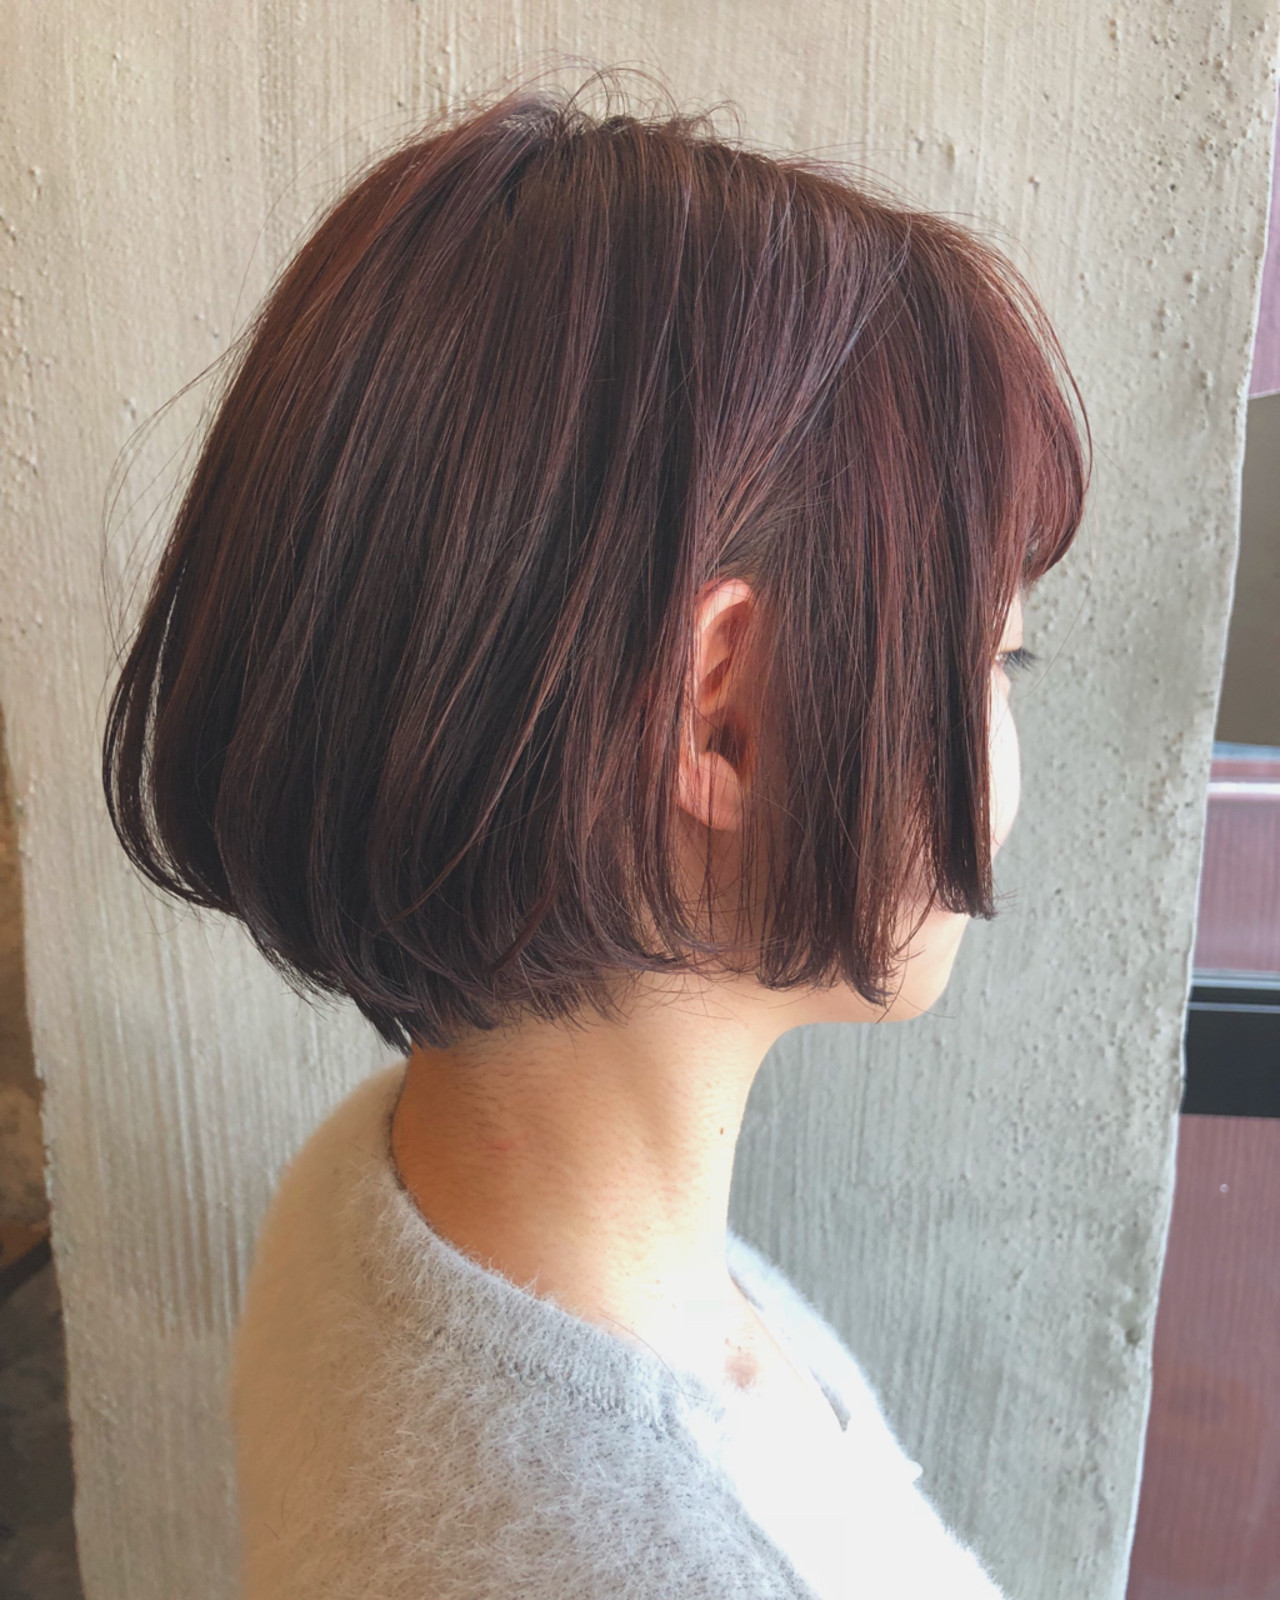 不漂髮也非常推薦這種很好看的「粉紅漸層色」